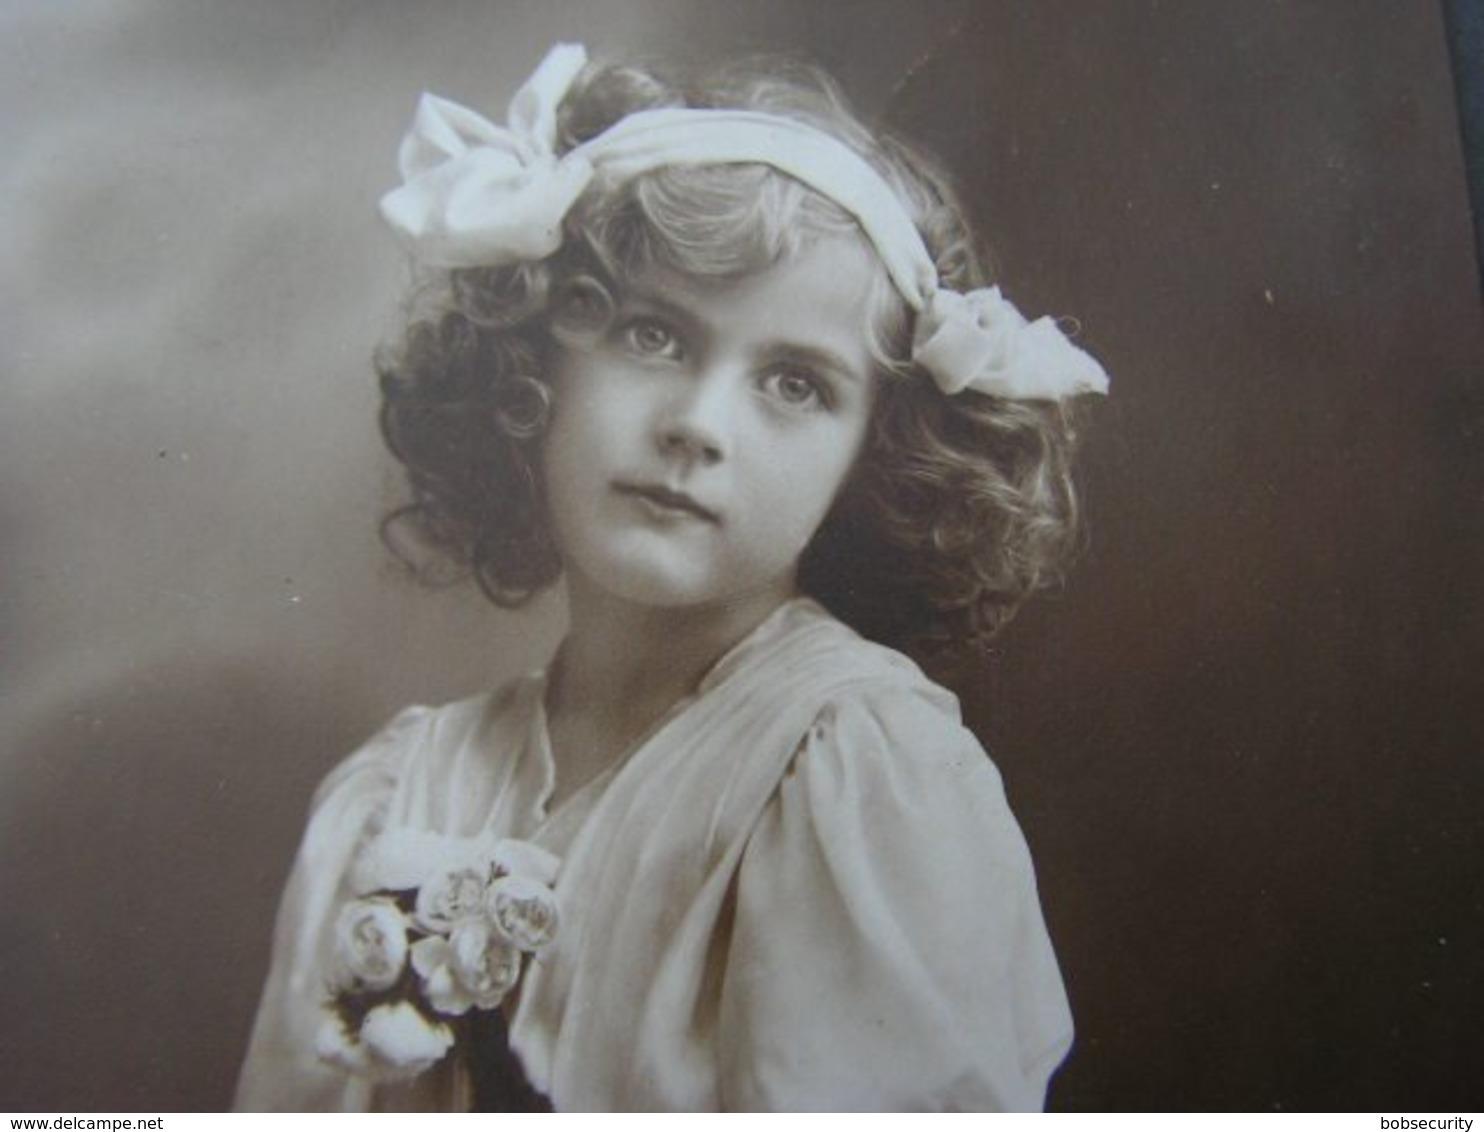 Schönes Mädchen Motiv, Mädchen, Portrait, Fillet, Girl, Child - Portraits